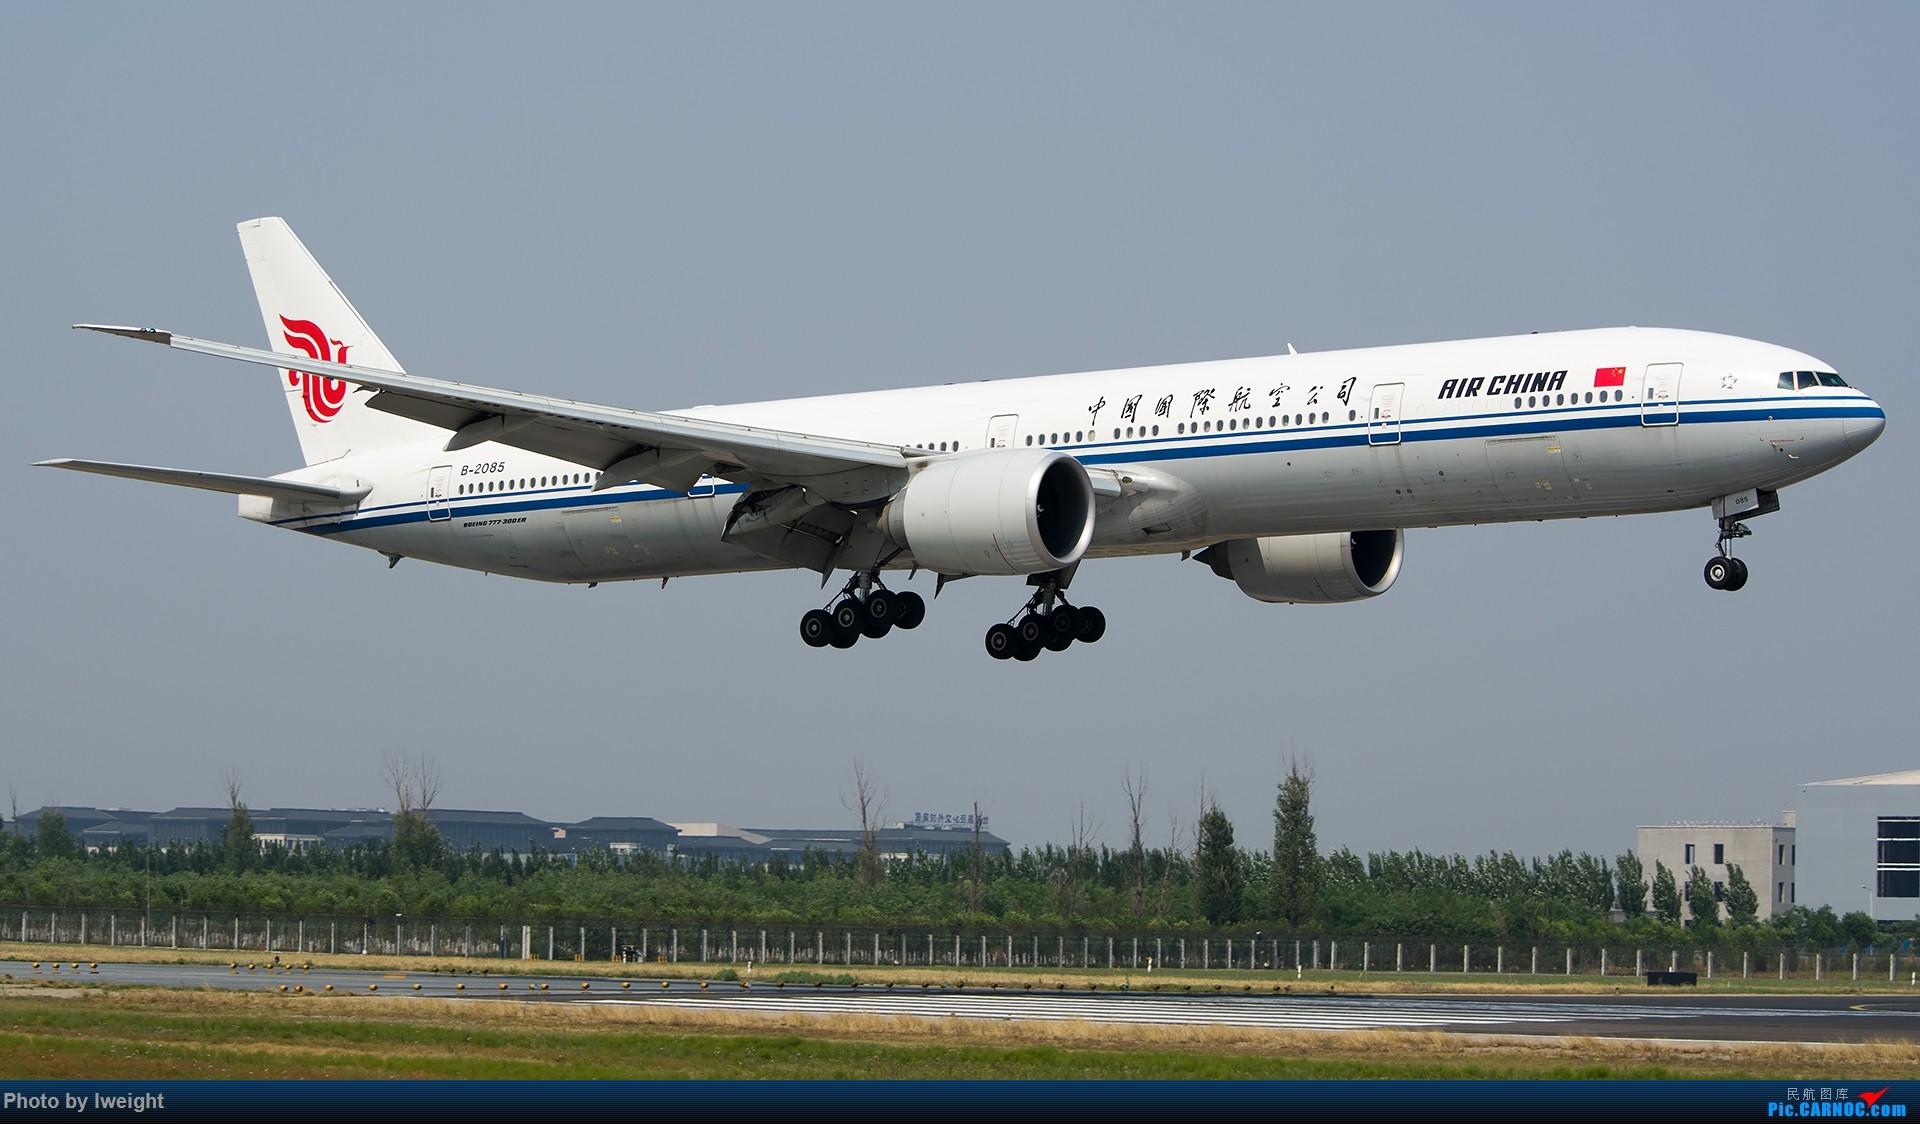 Re:[原创]周末帝都霾天拍机,凑合看看吧【2015-5-23】 BOEING 777-300ER B-2085 中国北京首都国际机场